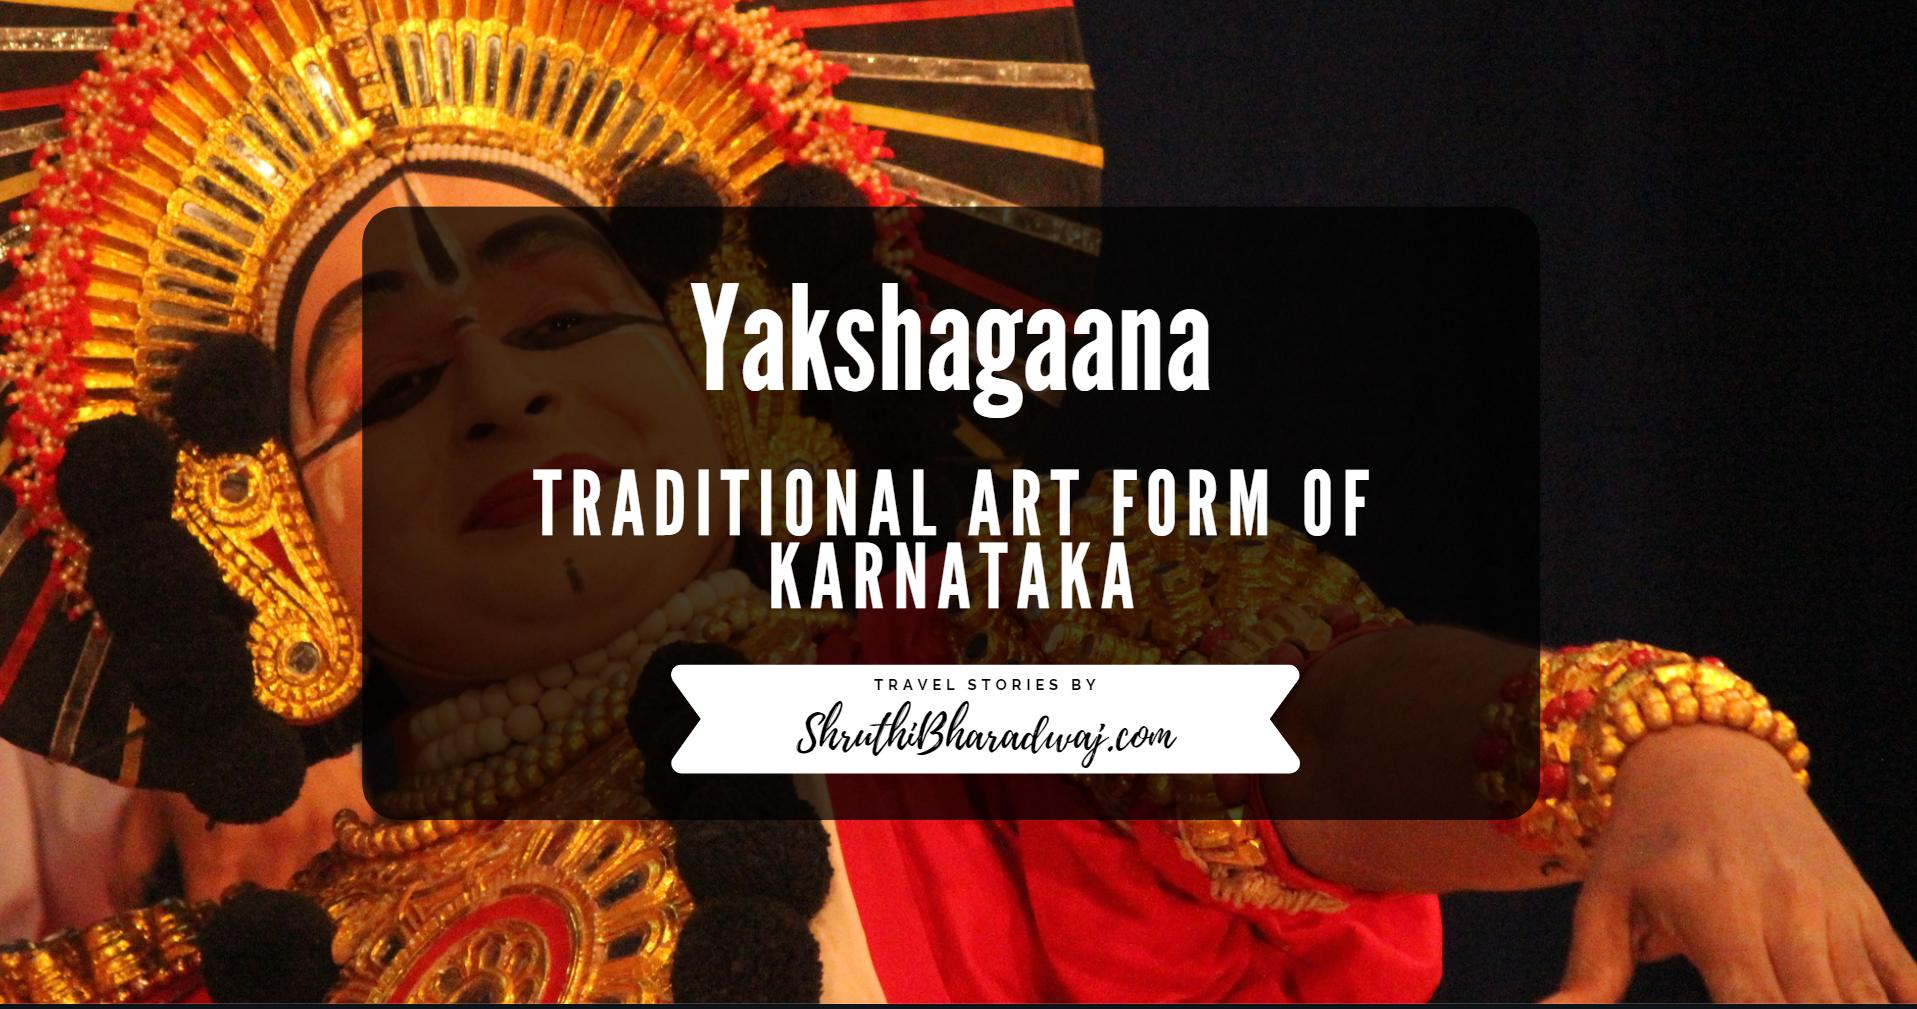 Shruthibharadwaj.com_placestovisitinmangalore_yakshagana_coverpic